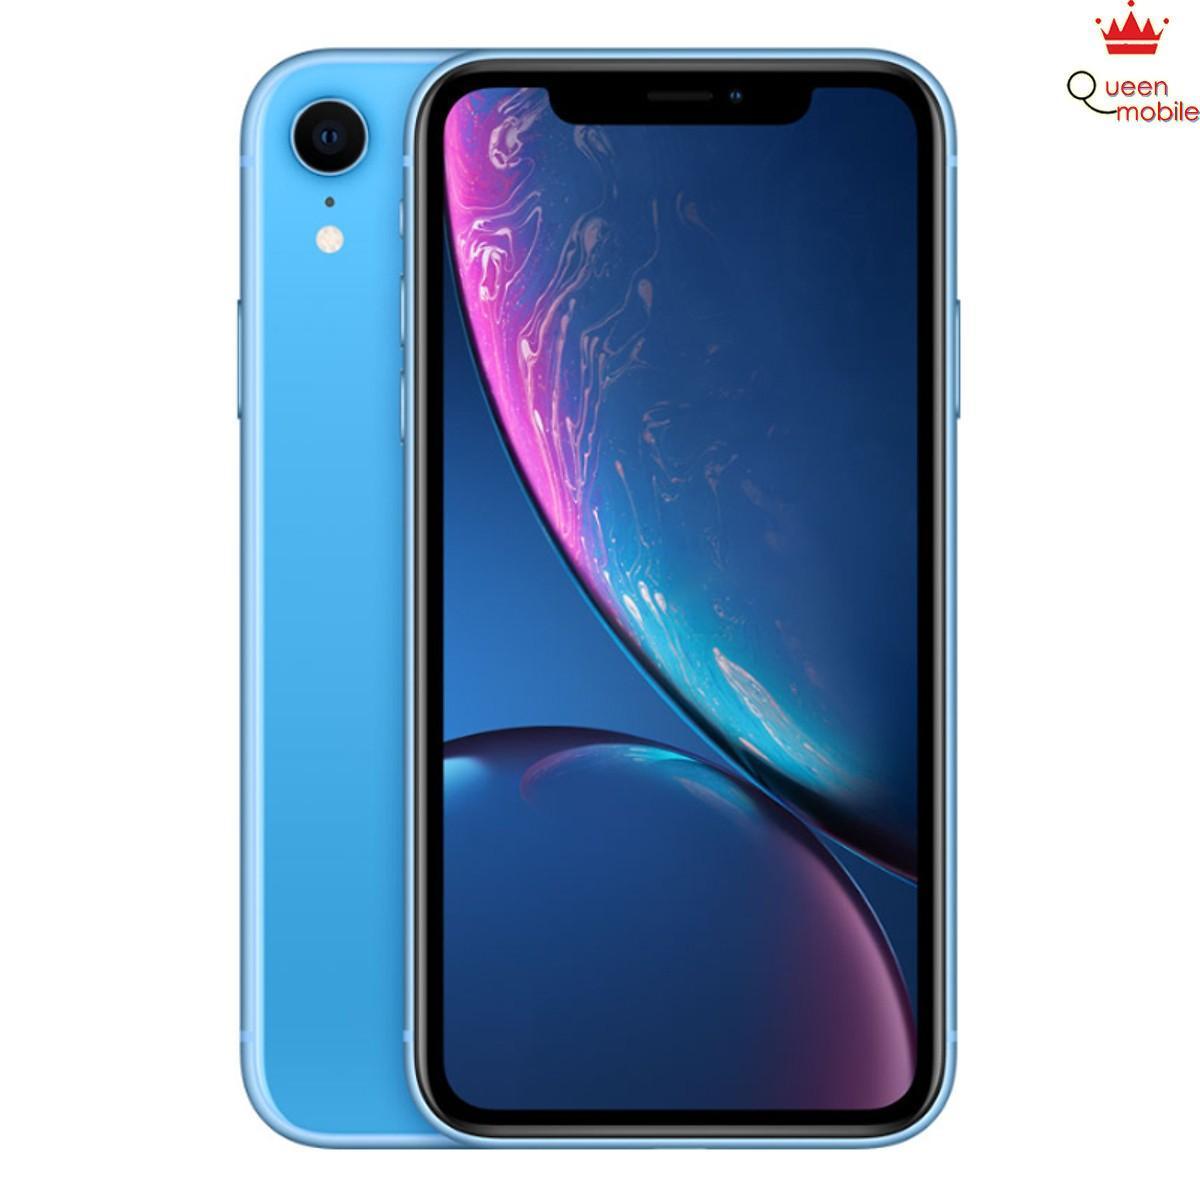 Điện Thoại Iphone XR 64GB - Hàng Nhập Khẩu